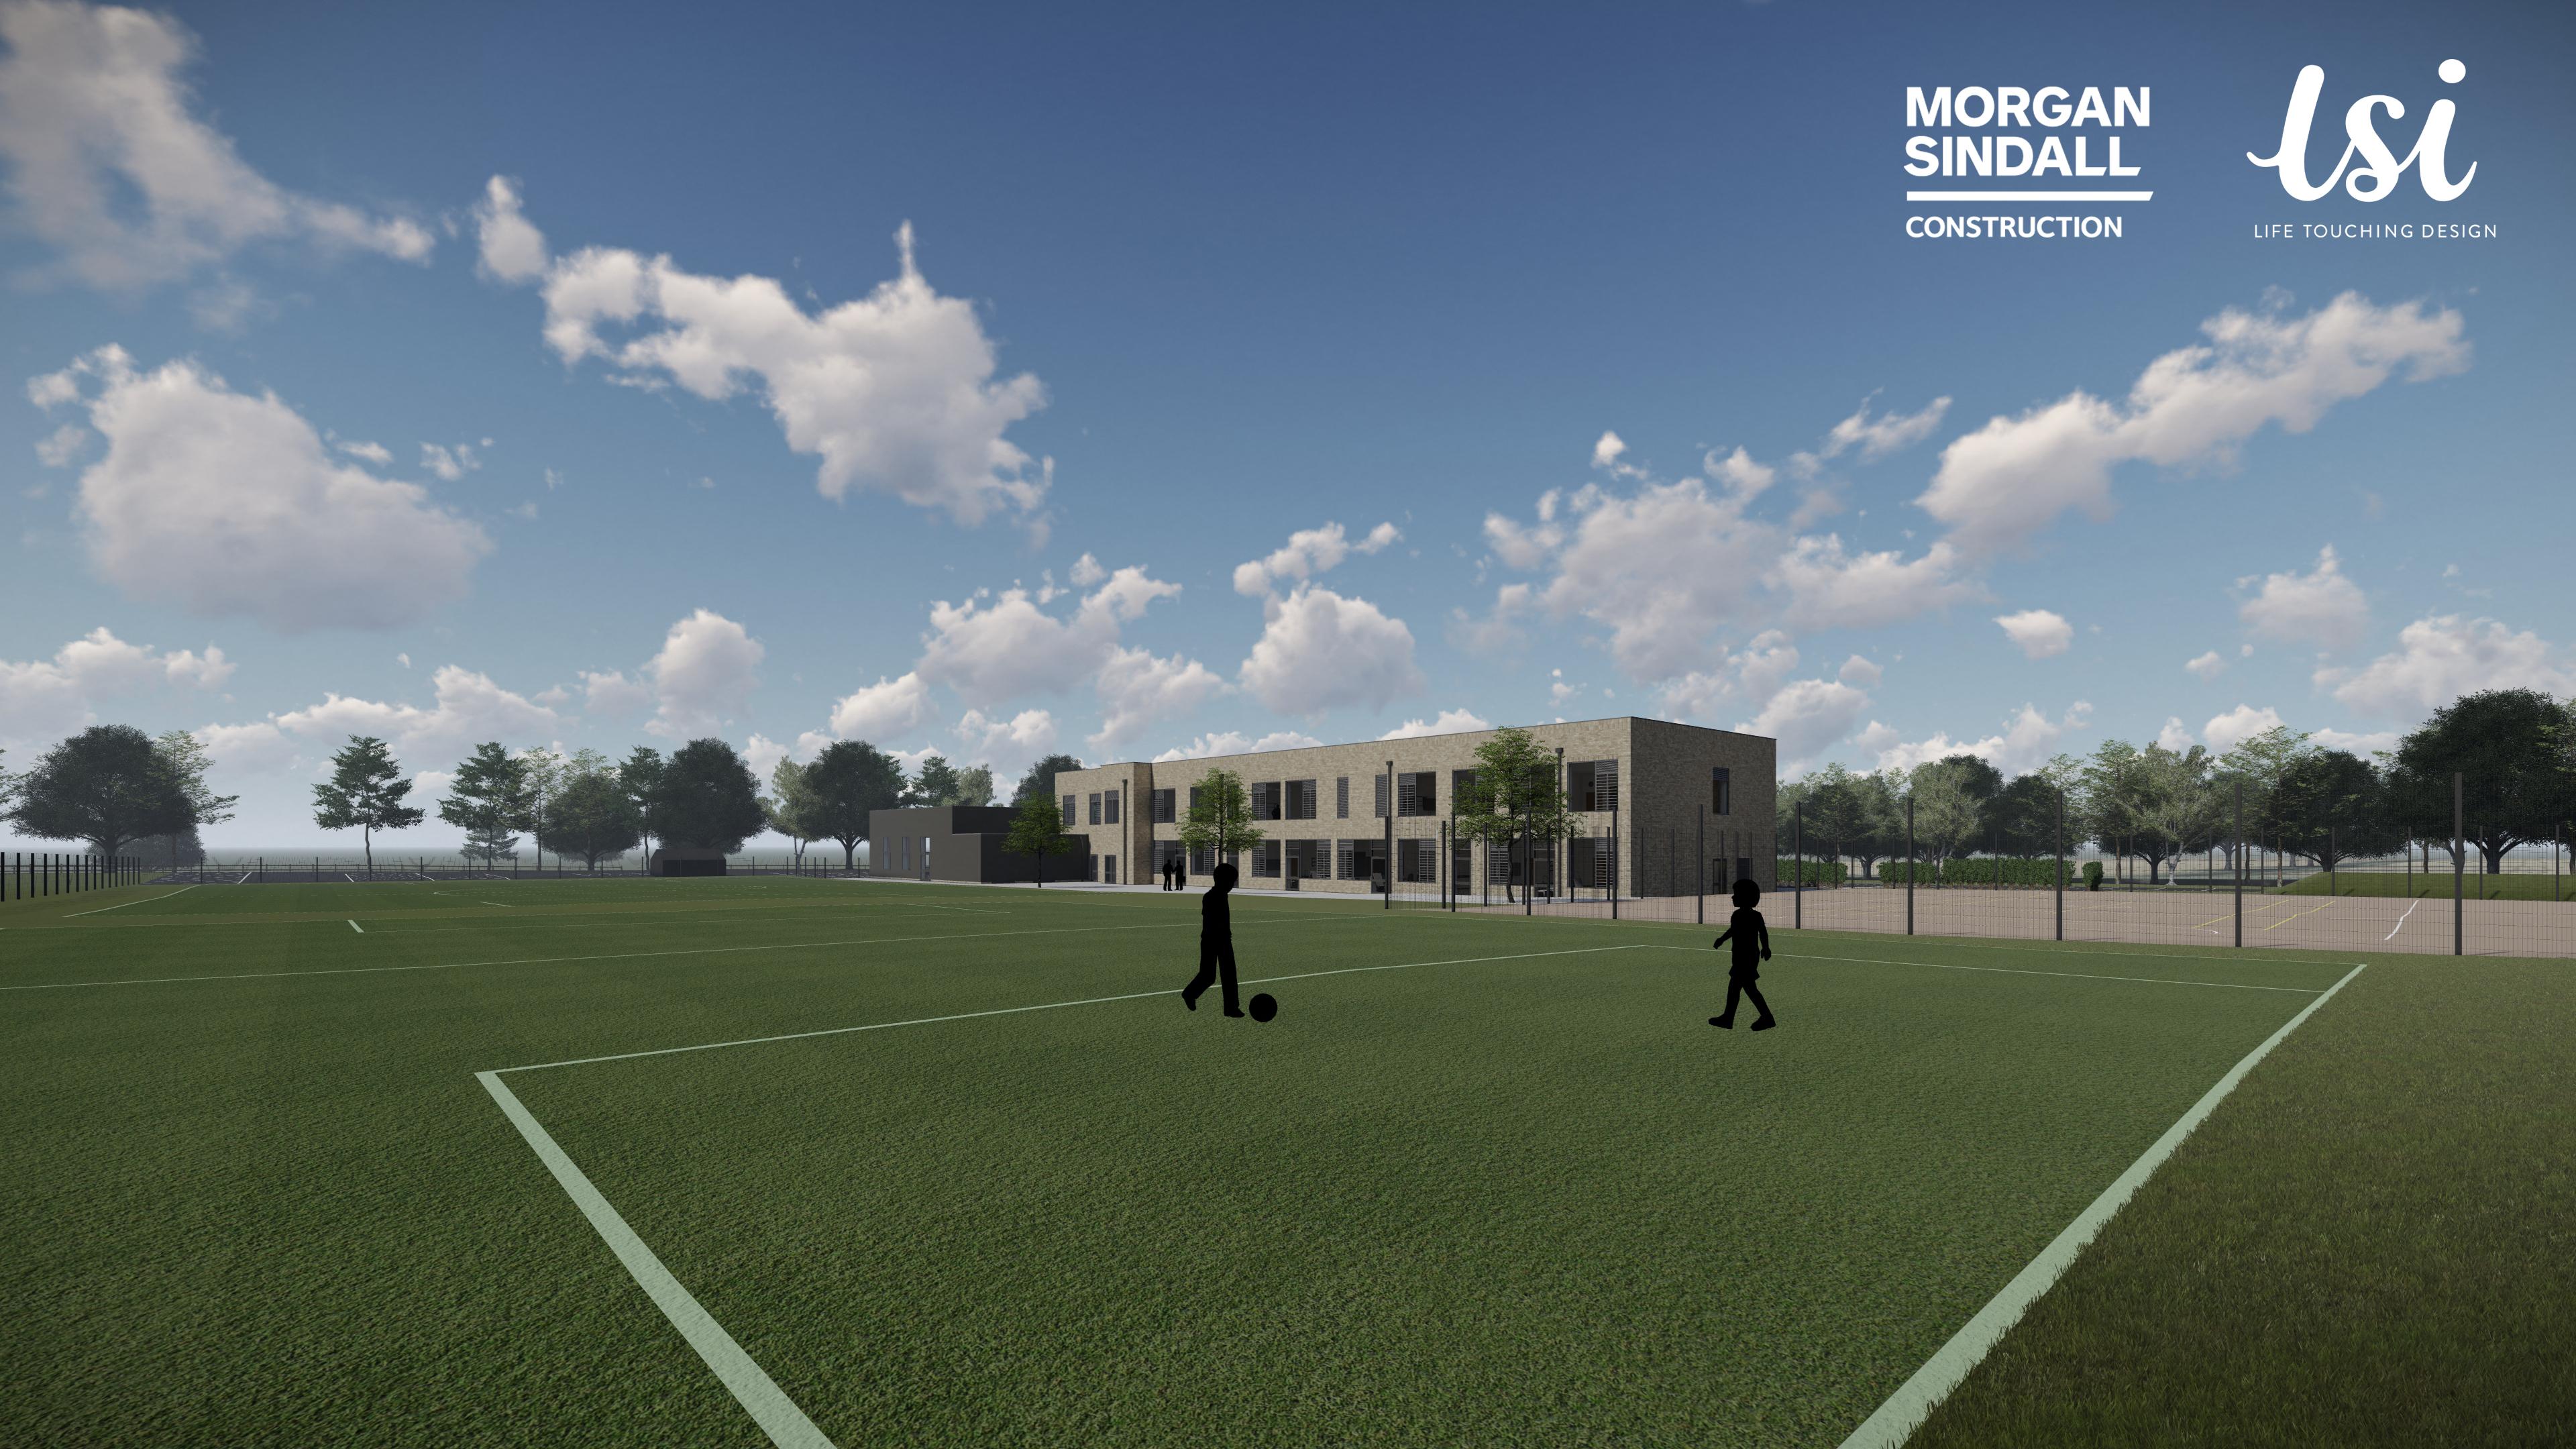 18244 model 190326 school fields